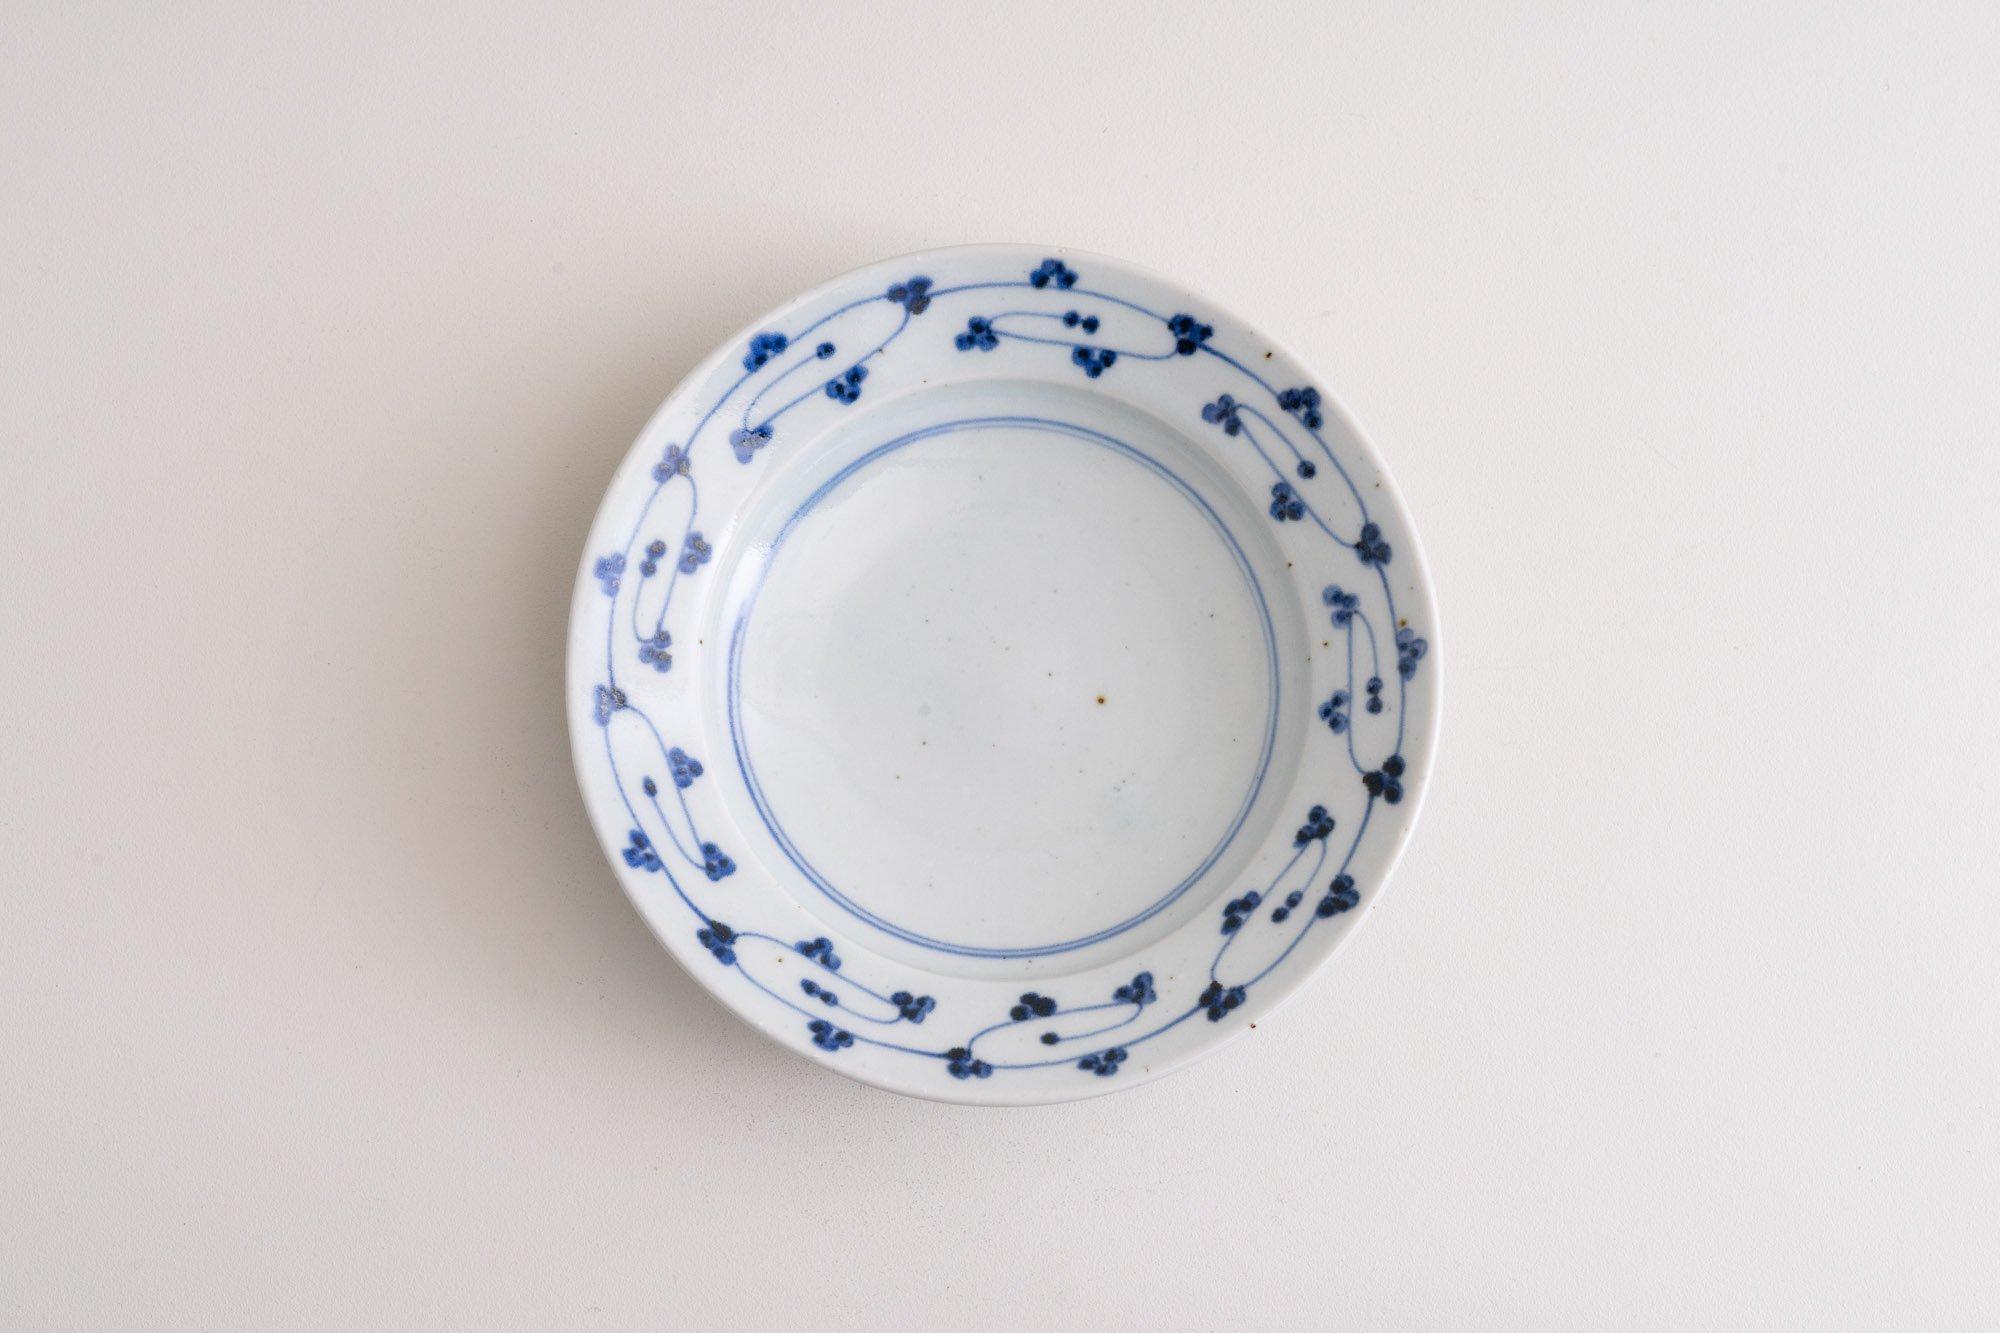 6寸リム皿(唐草)